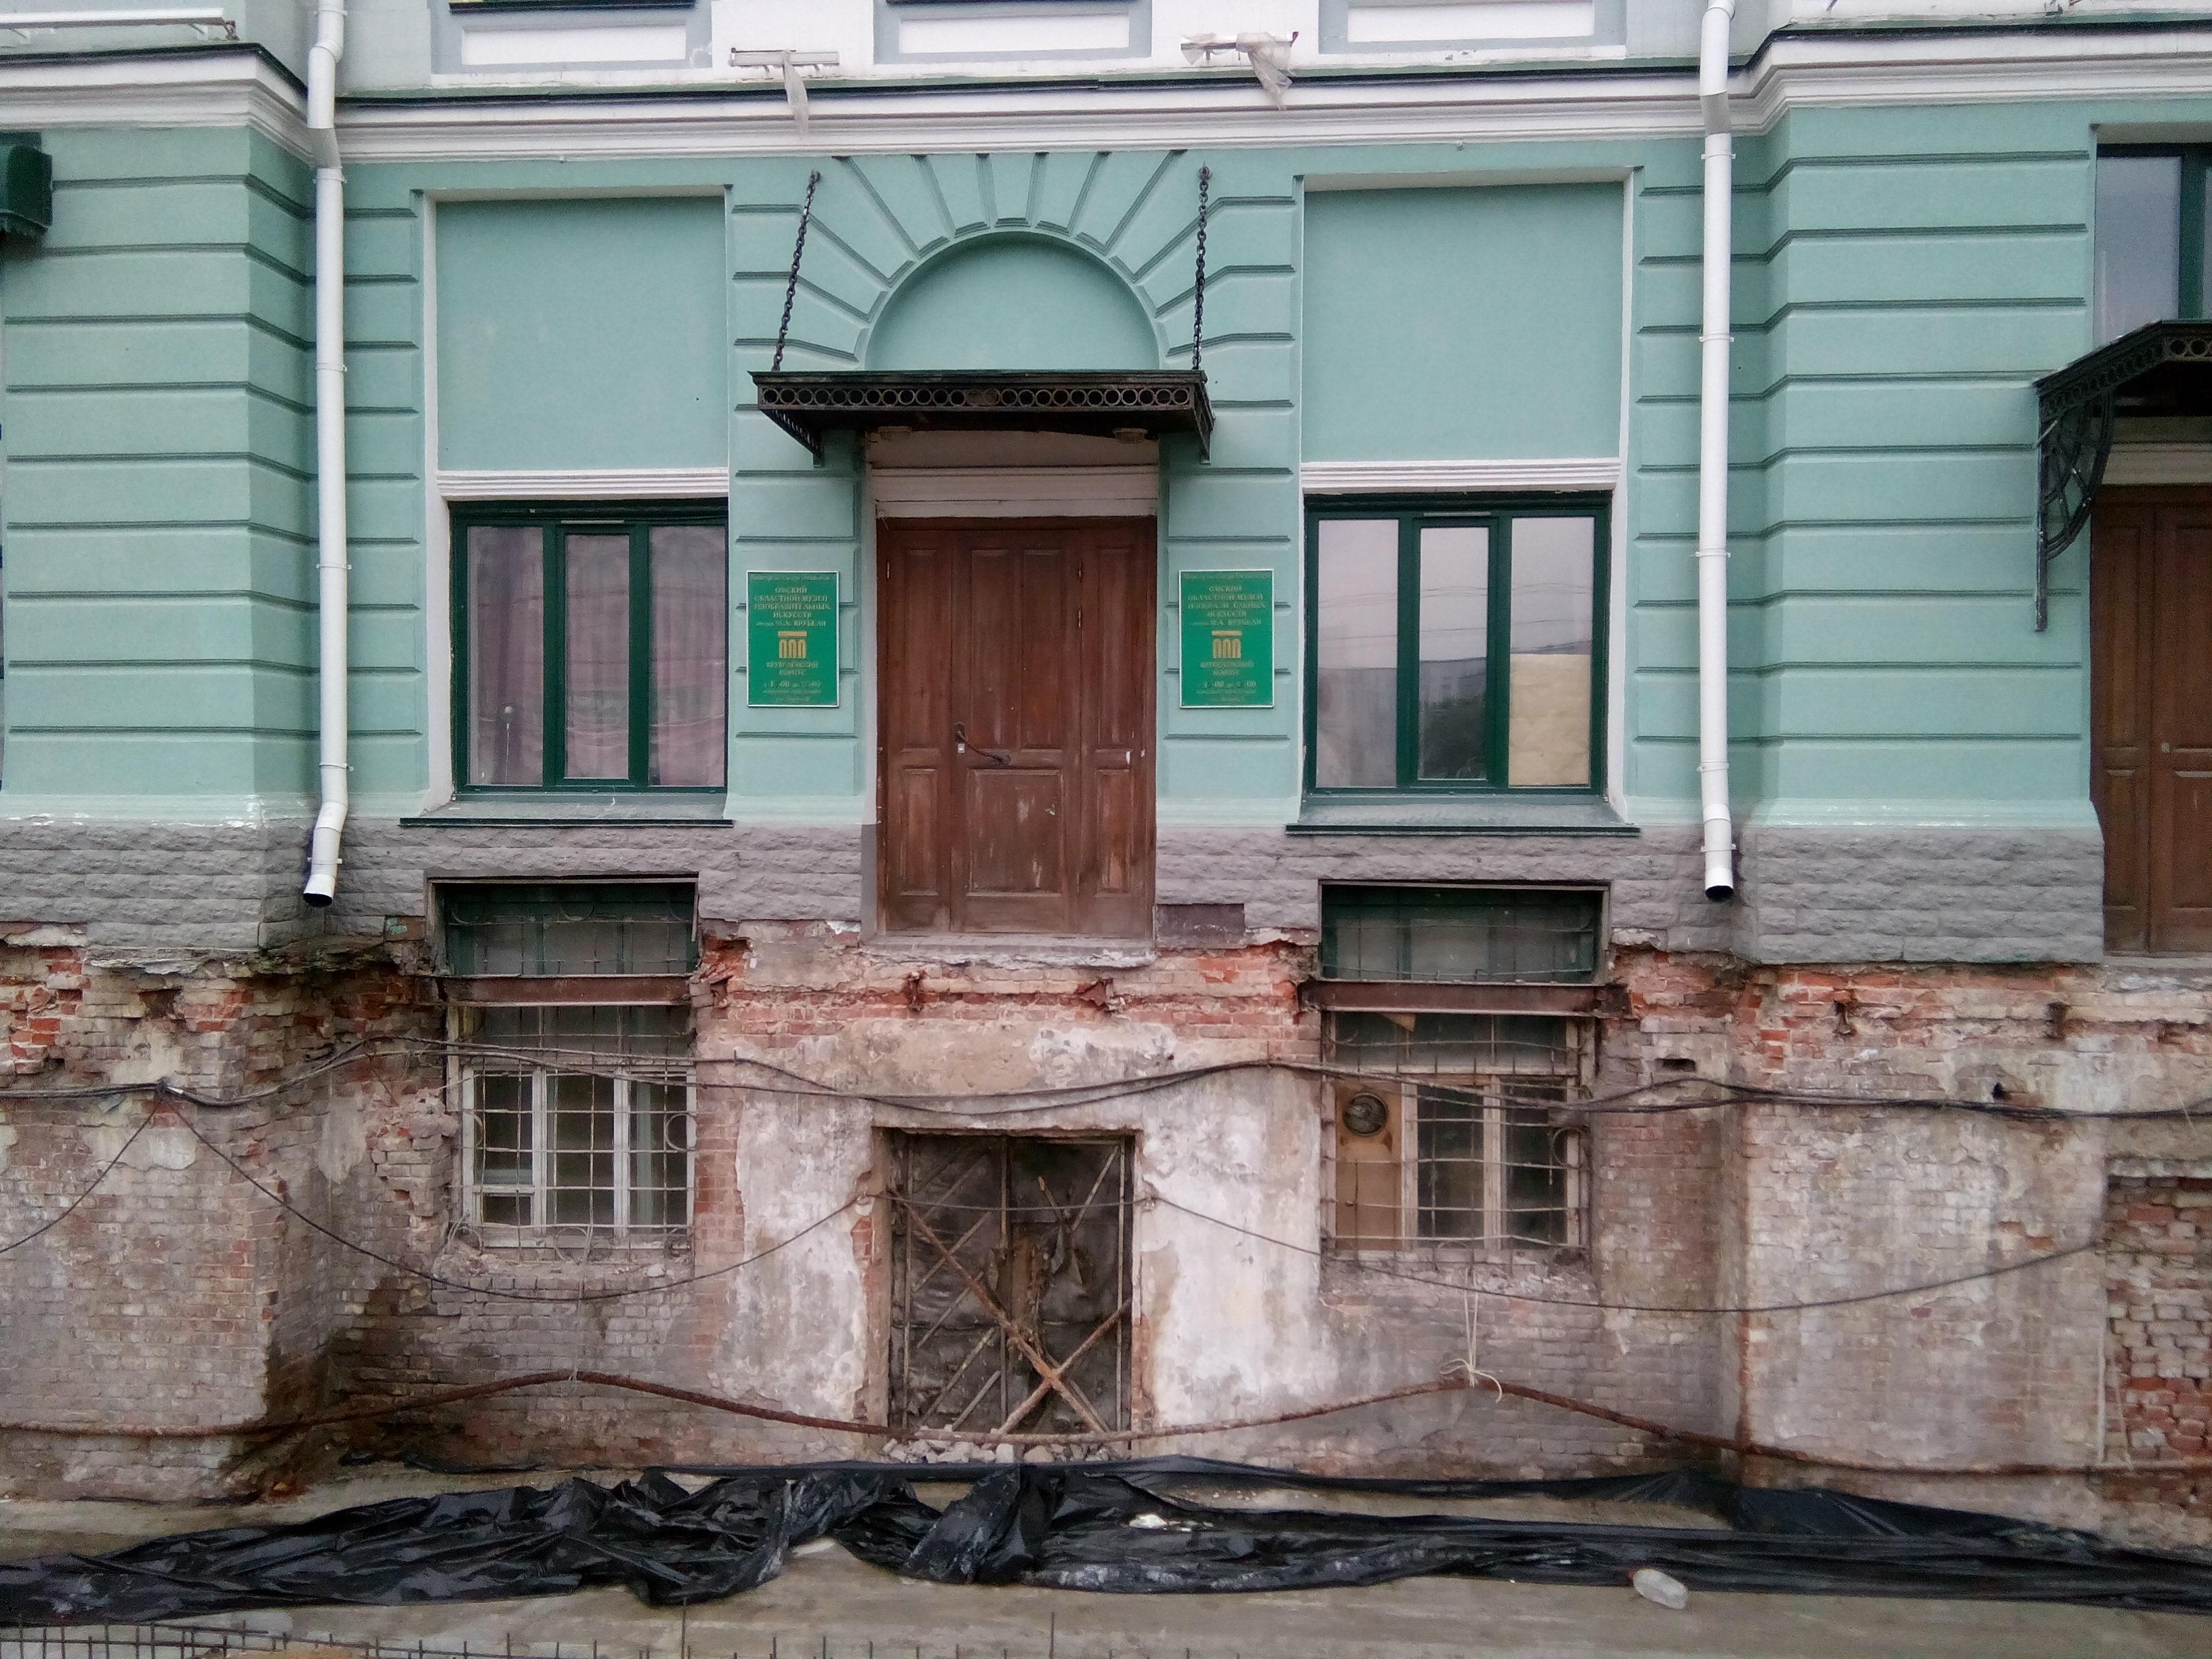 https://img-fotki.yandex.ru/get/27612/1118136.c7/0_106479_4b8d95be_orig